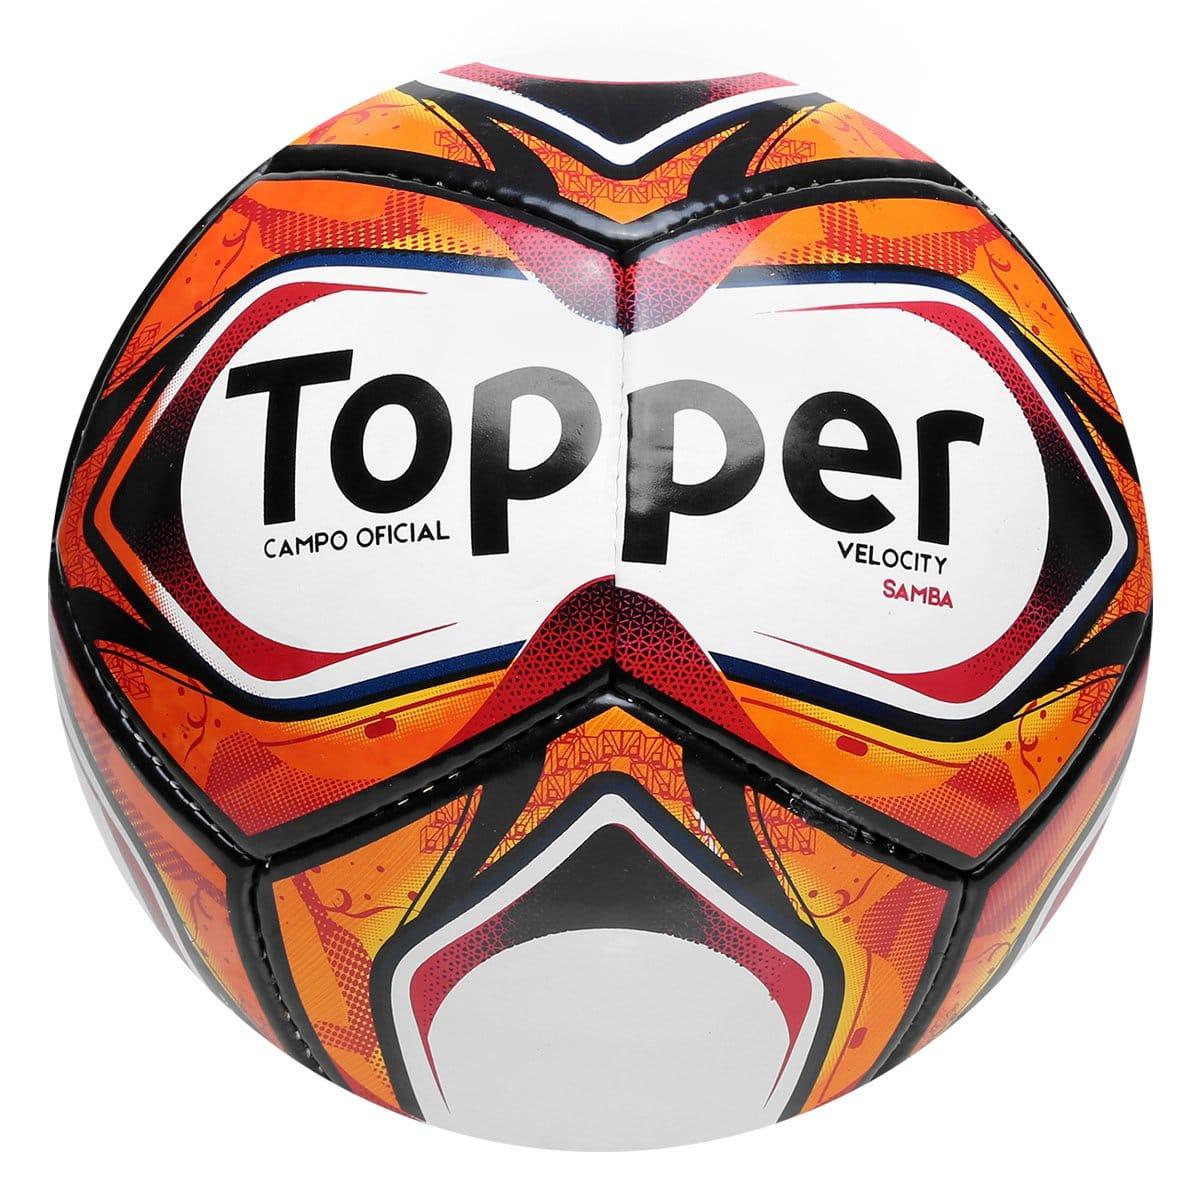 Bola de futebol do Campeonato Carioca Topper Pro Samba